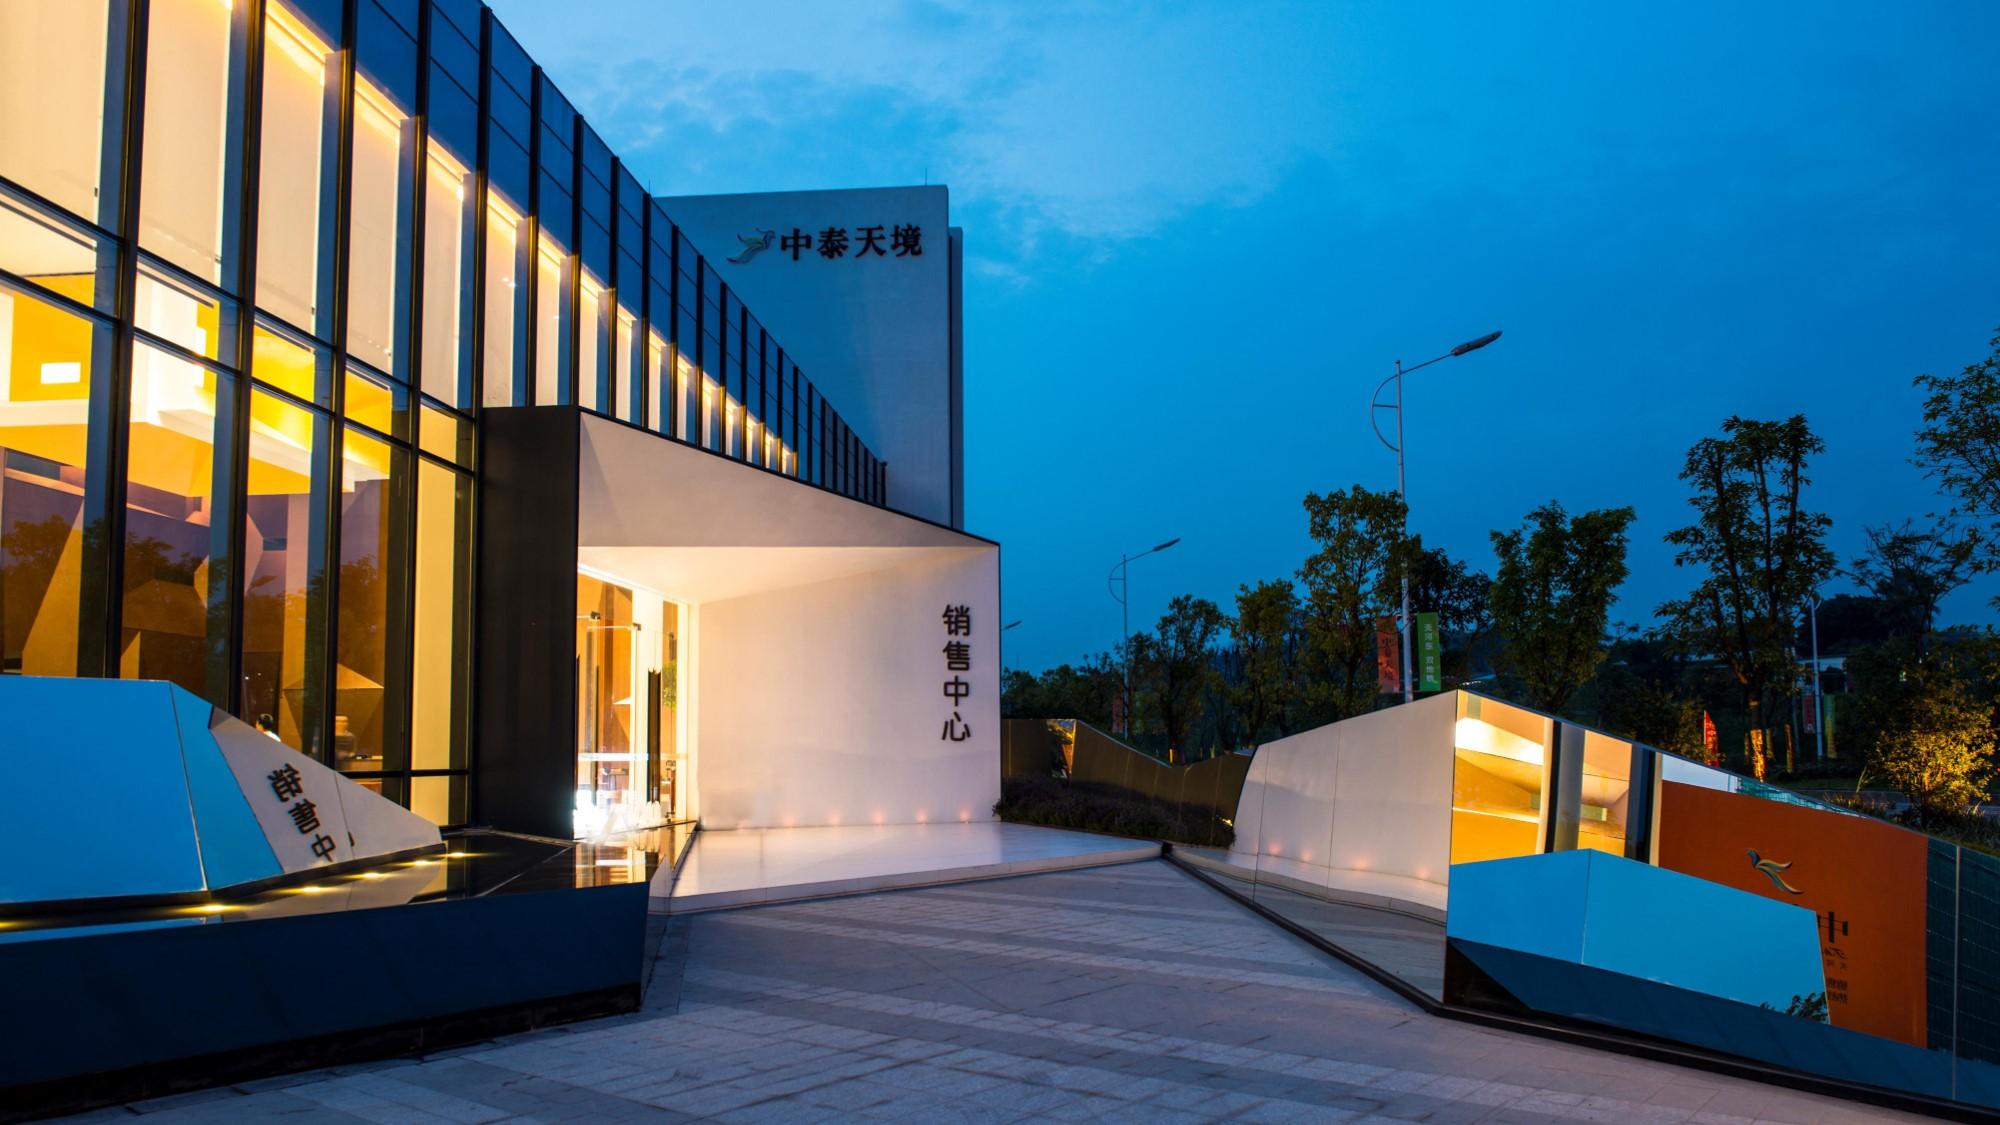 Guangzhou Zhongtai Tianjing Sales Center